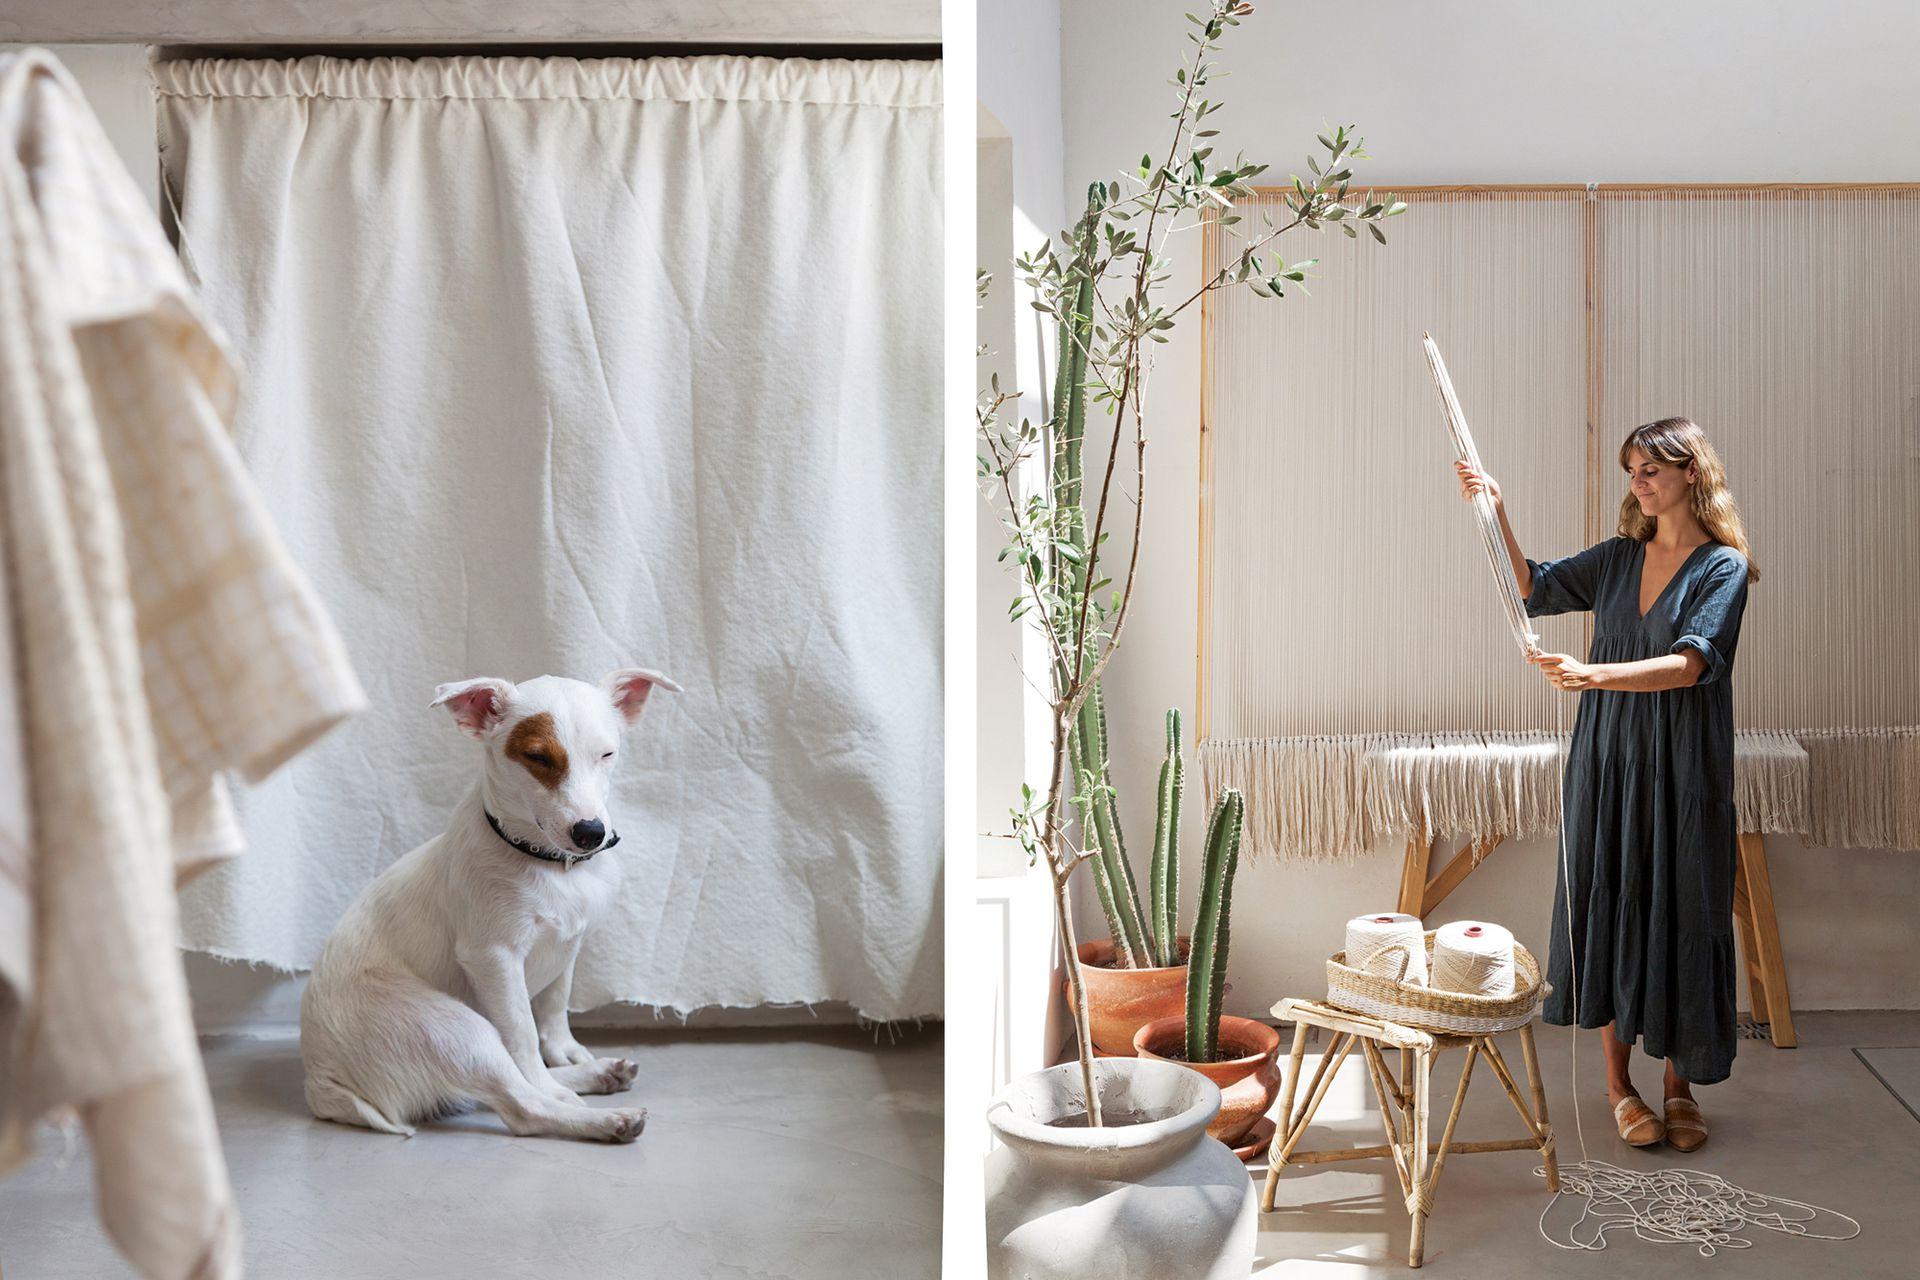 Retazos de lino blanco son ahora cortinas para el bajo mesada. Delante está Gaucho, disfrutando del sol de la tarde. A la derecha, Carolita junto al telar